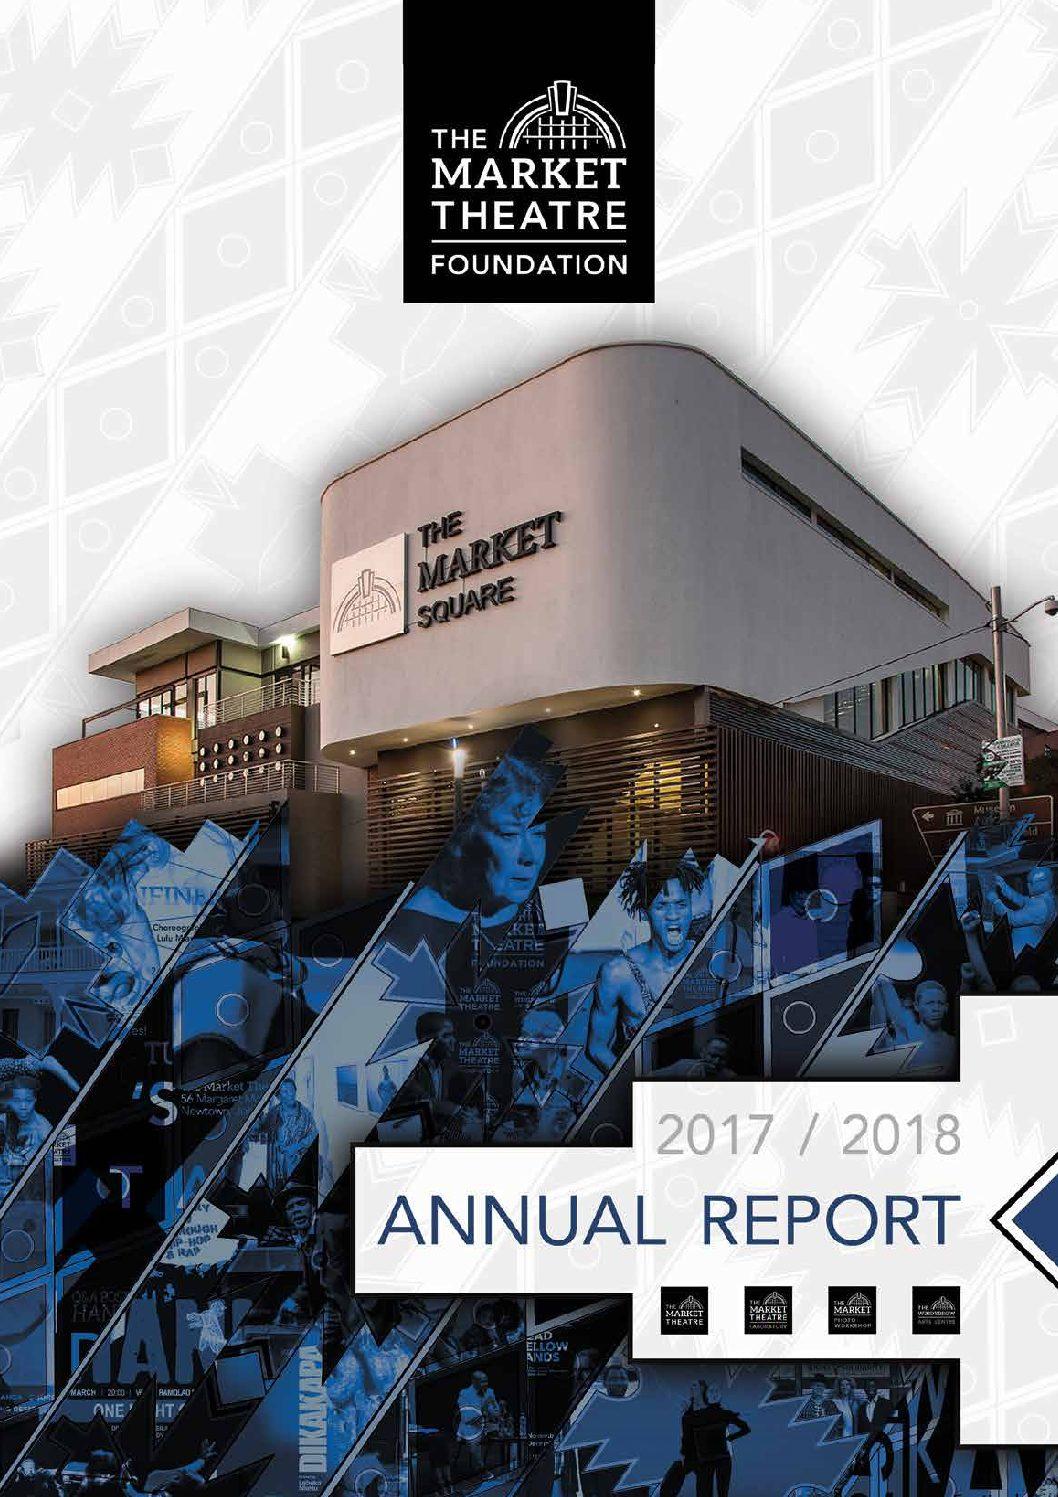 market-theatre-foundation-annual-report-2018-1